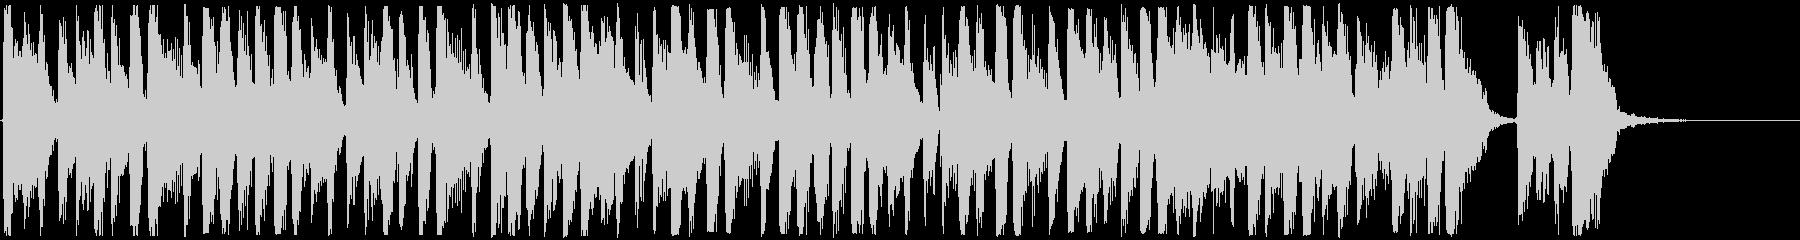 15秒のTVCMに。軽快なブラス系の未再生の波形